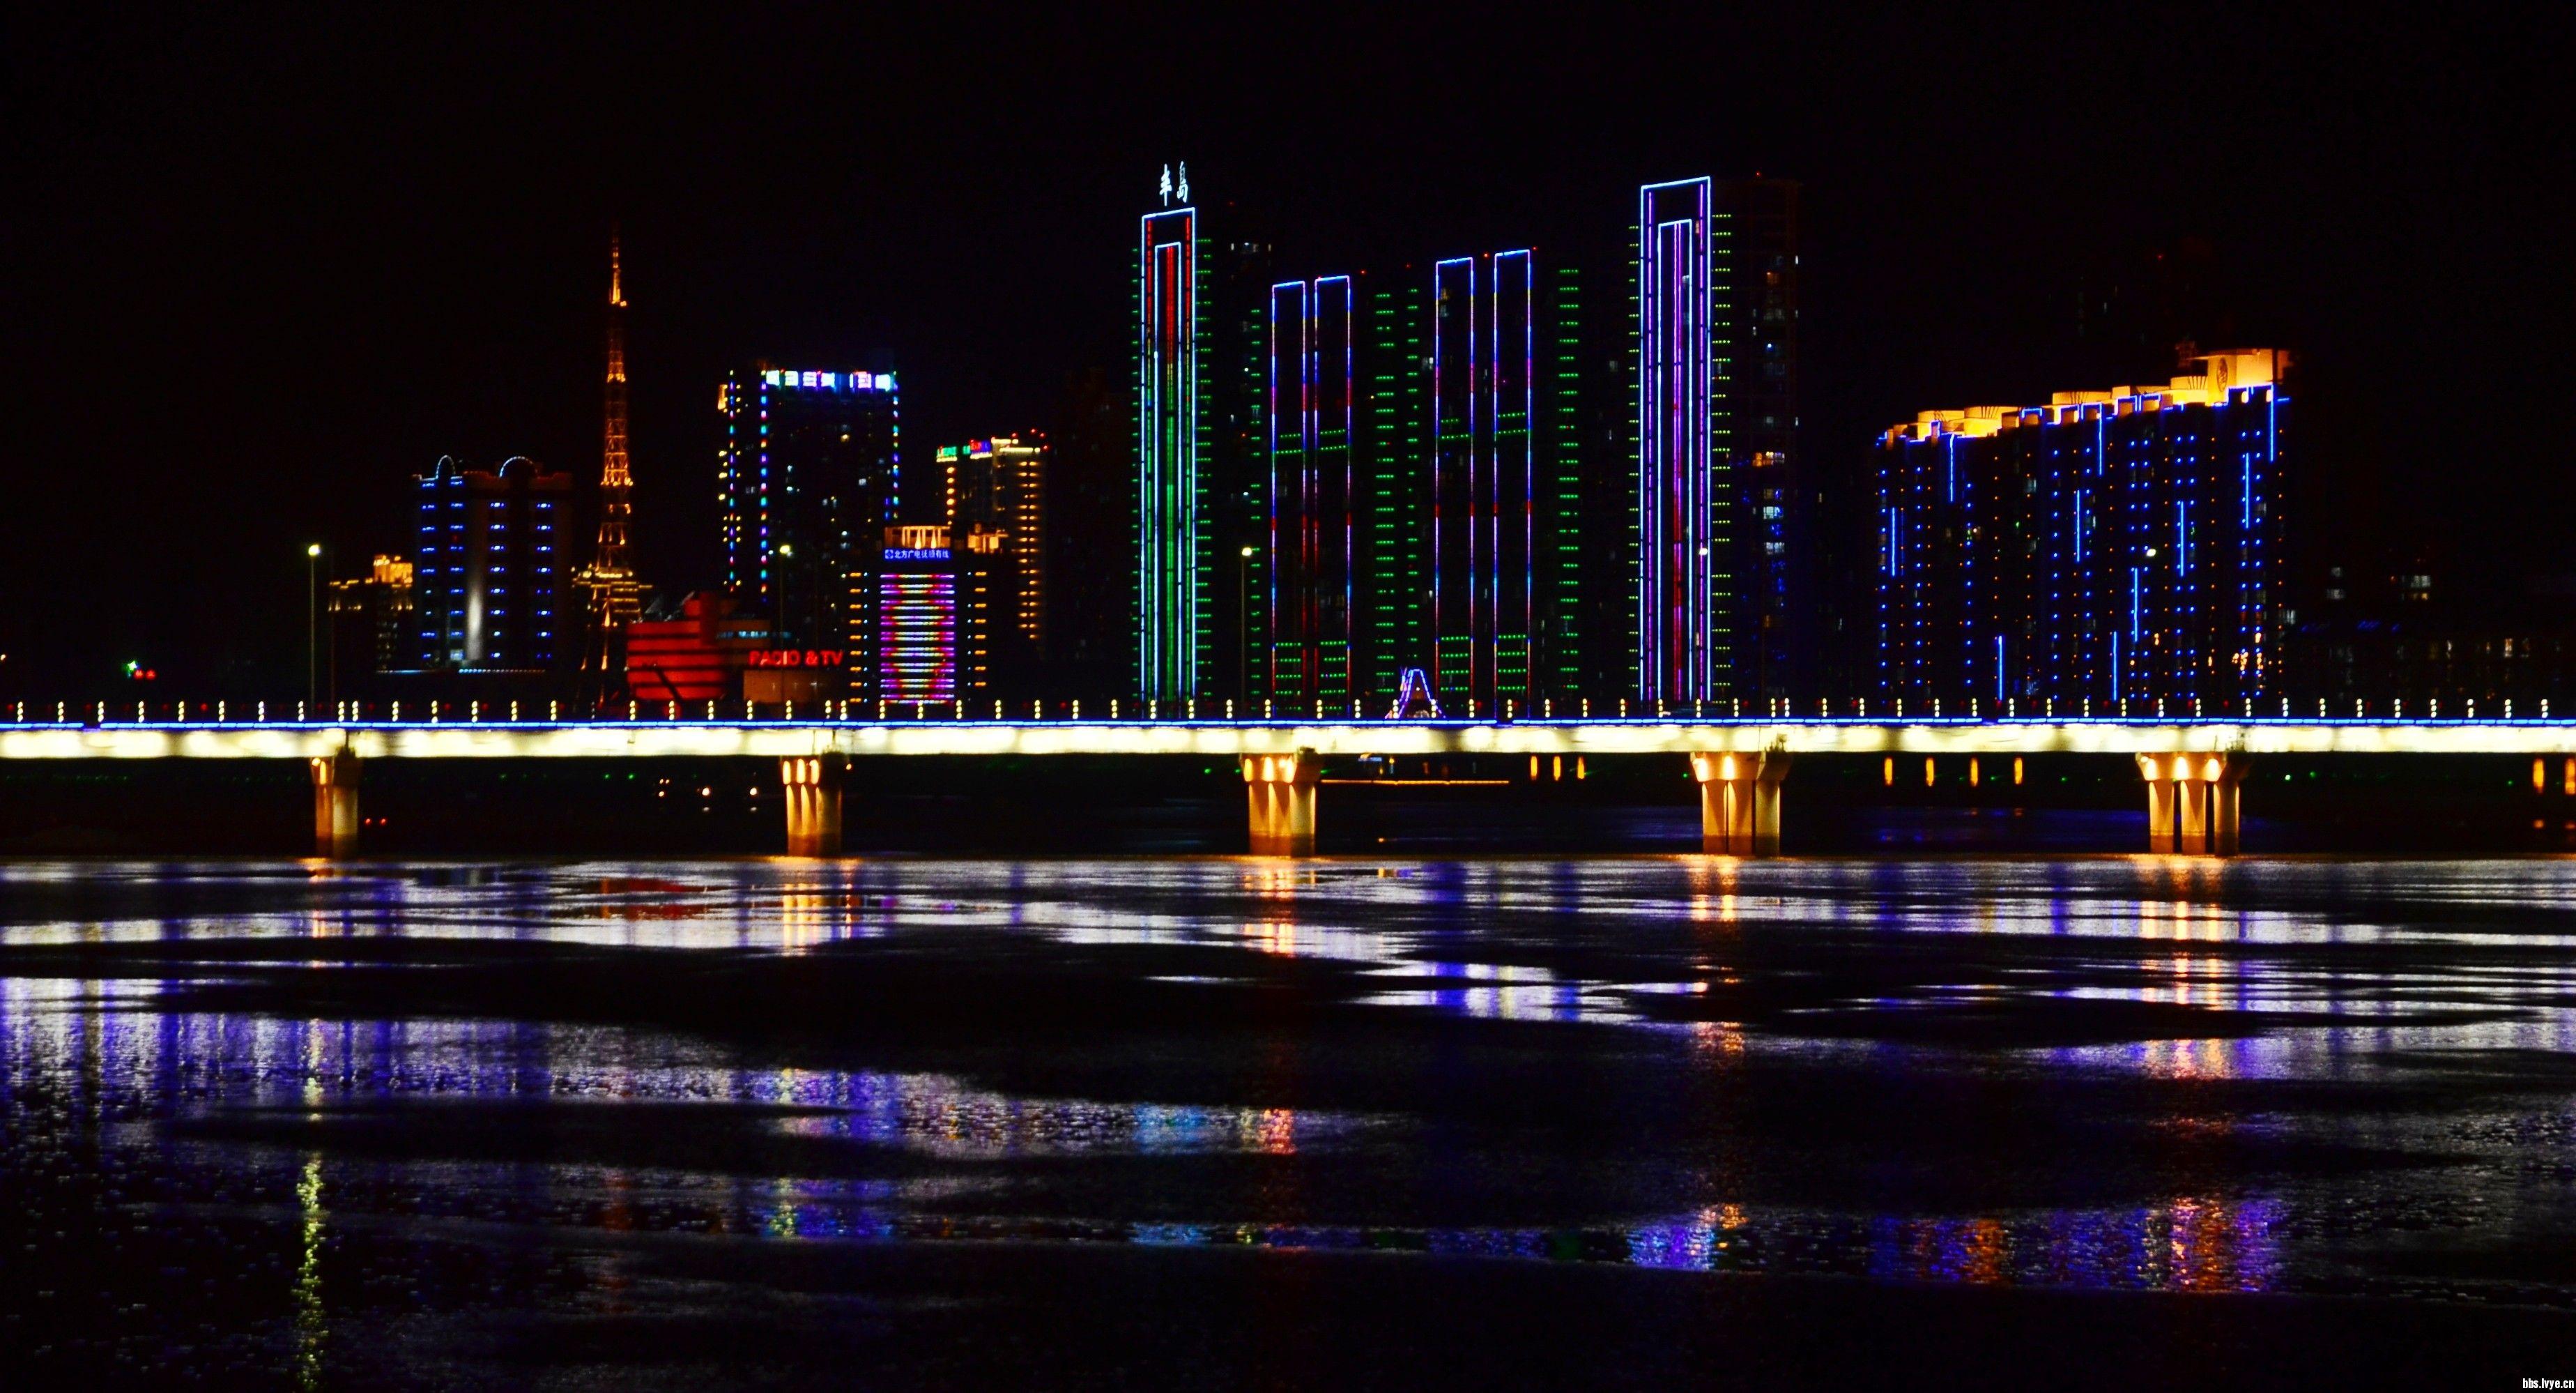 抚顺_抚顺的夜晚-11游记摄影-辽宁-绿野户外网